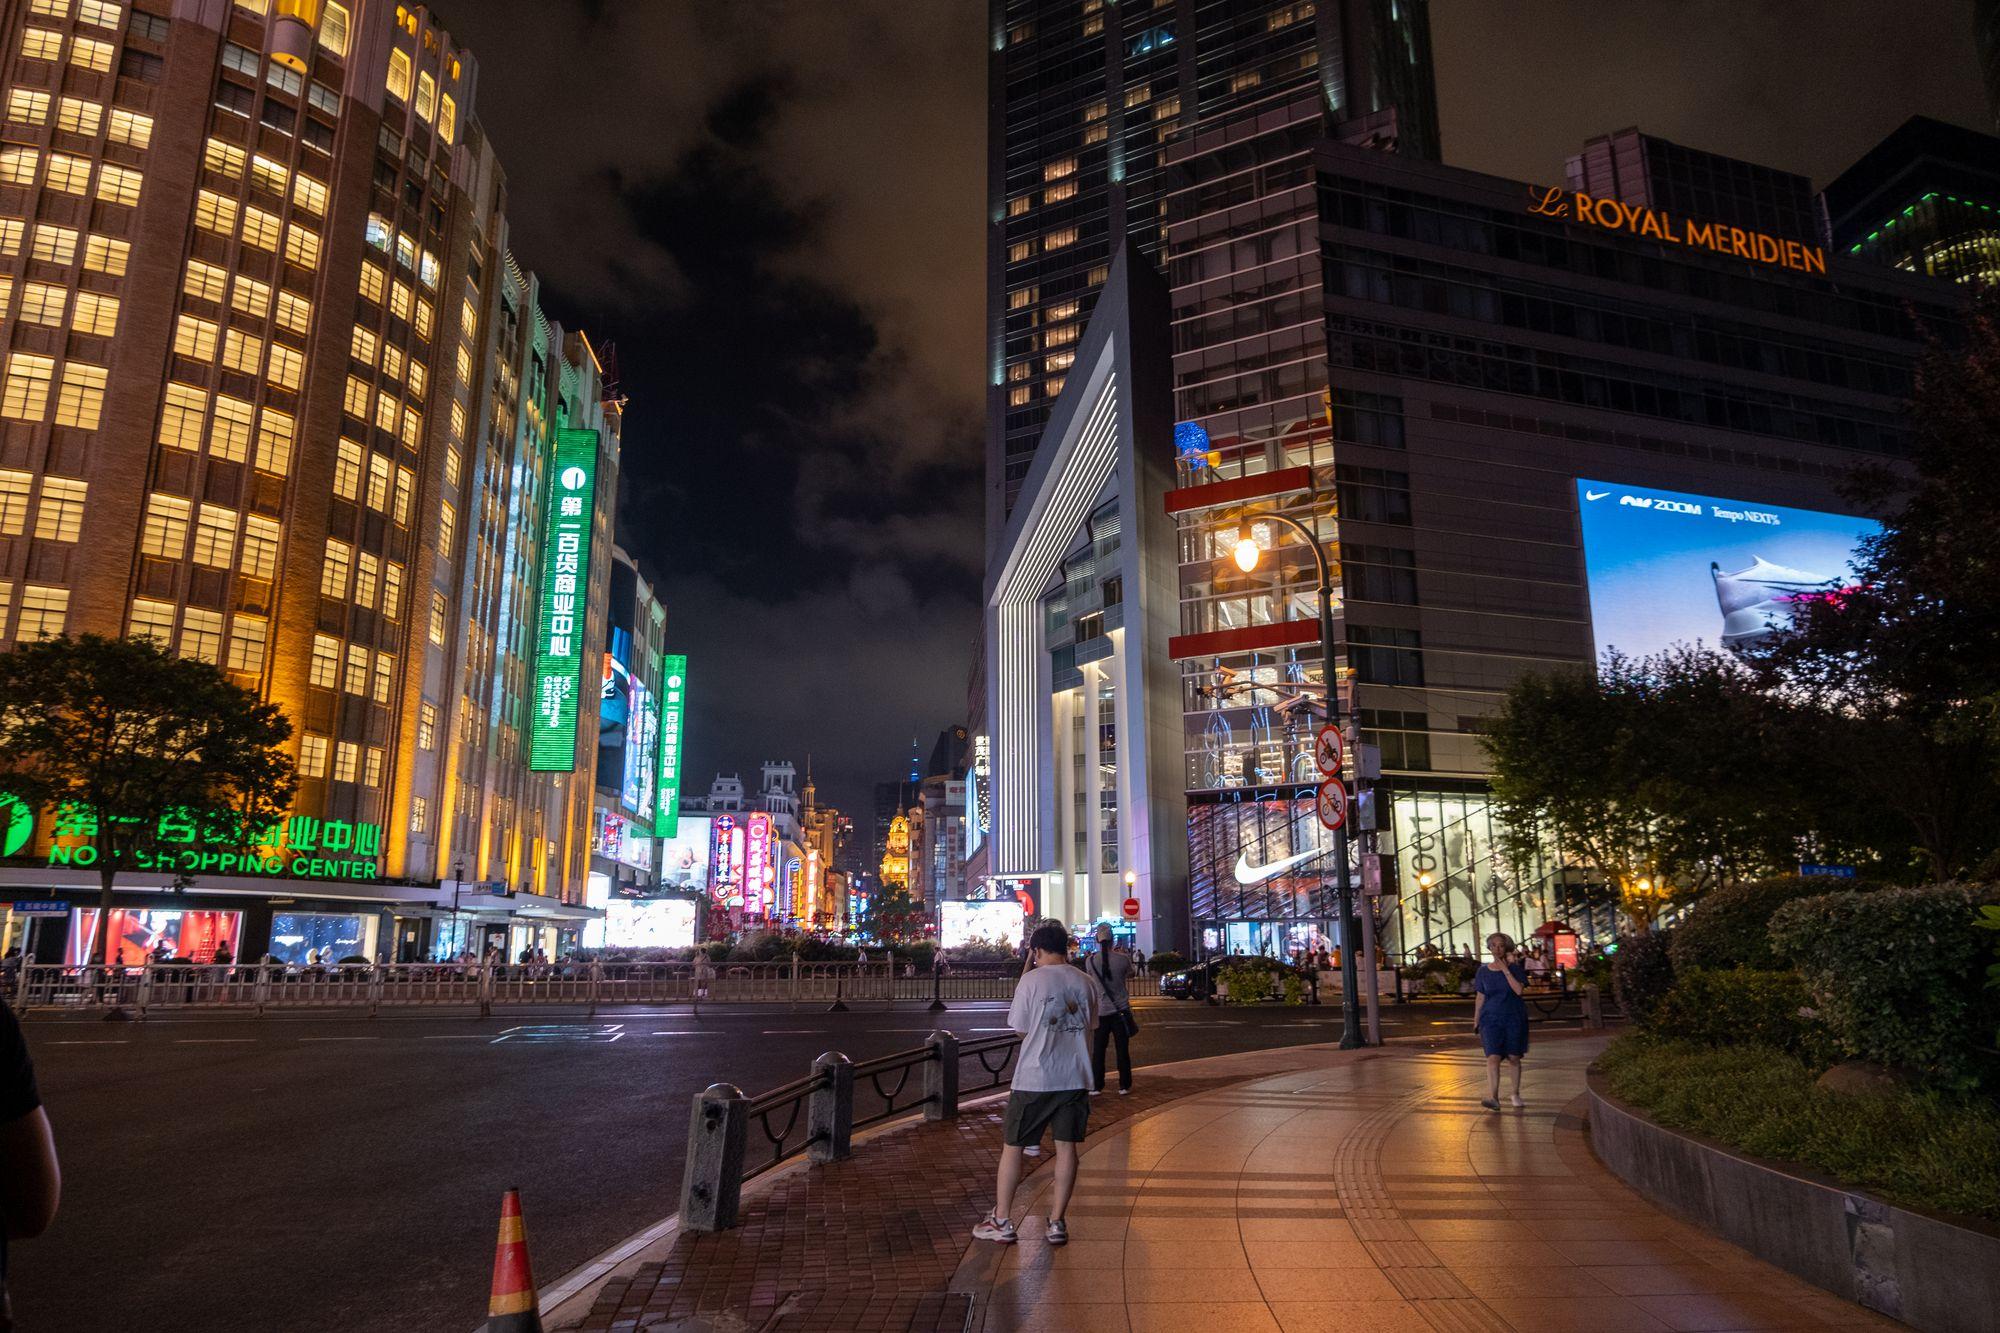 上海南京步行街道夜景照片  -  高清免费正版图片下载